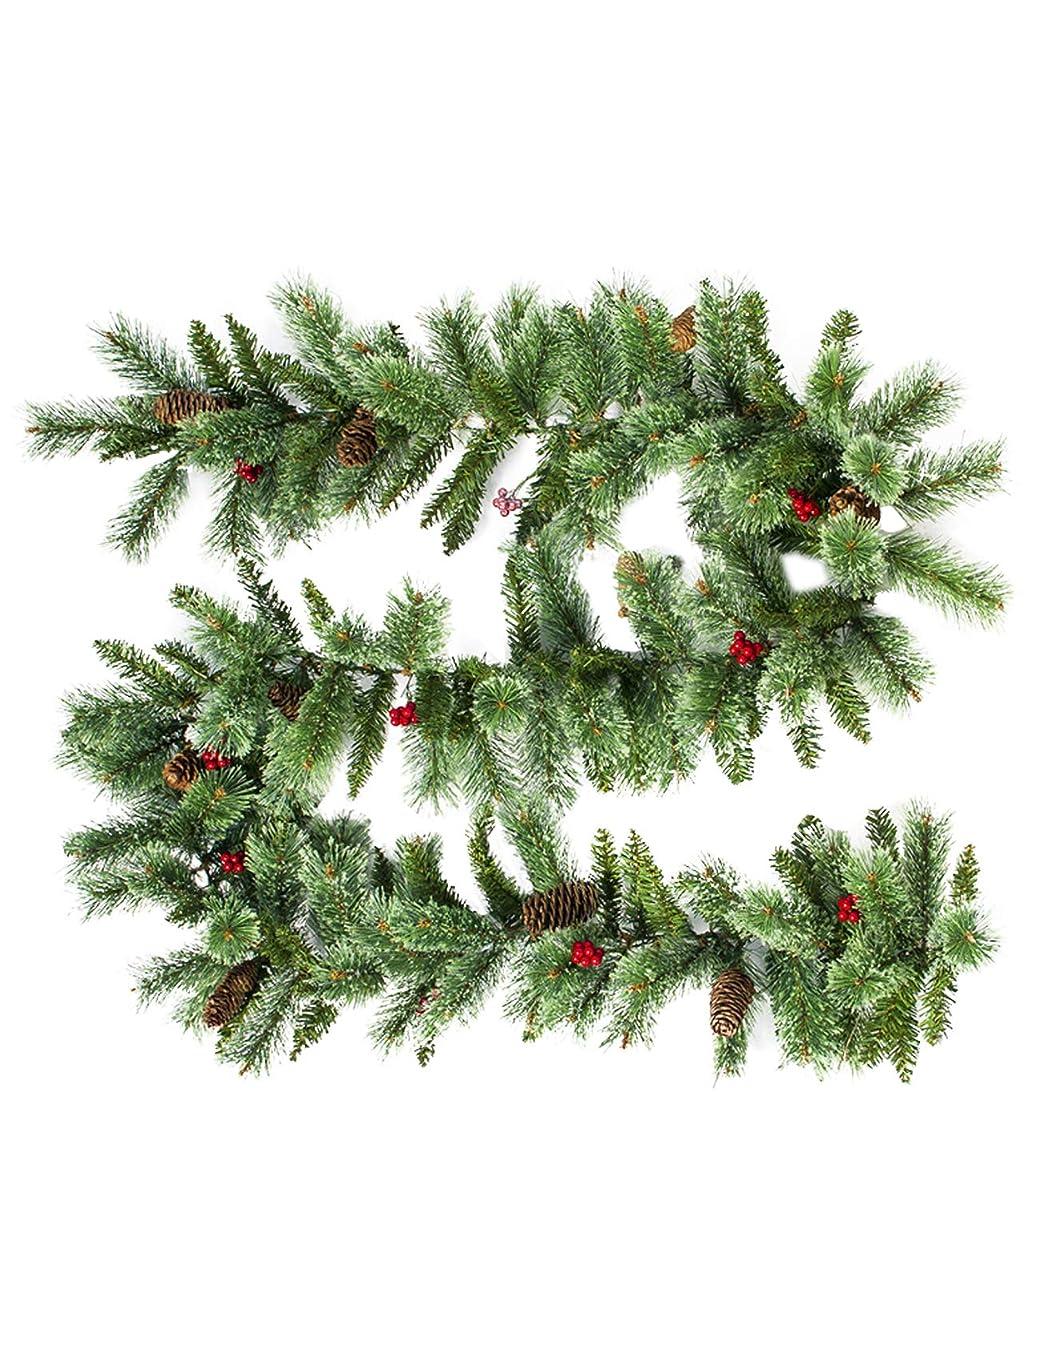 輪郭矢じり許可Legou クリスマスリース ツリーパインコーン 藤蔓 玄関 部屋 2.7m グリーン